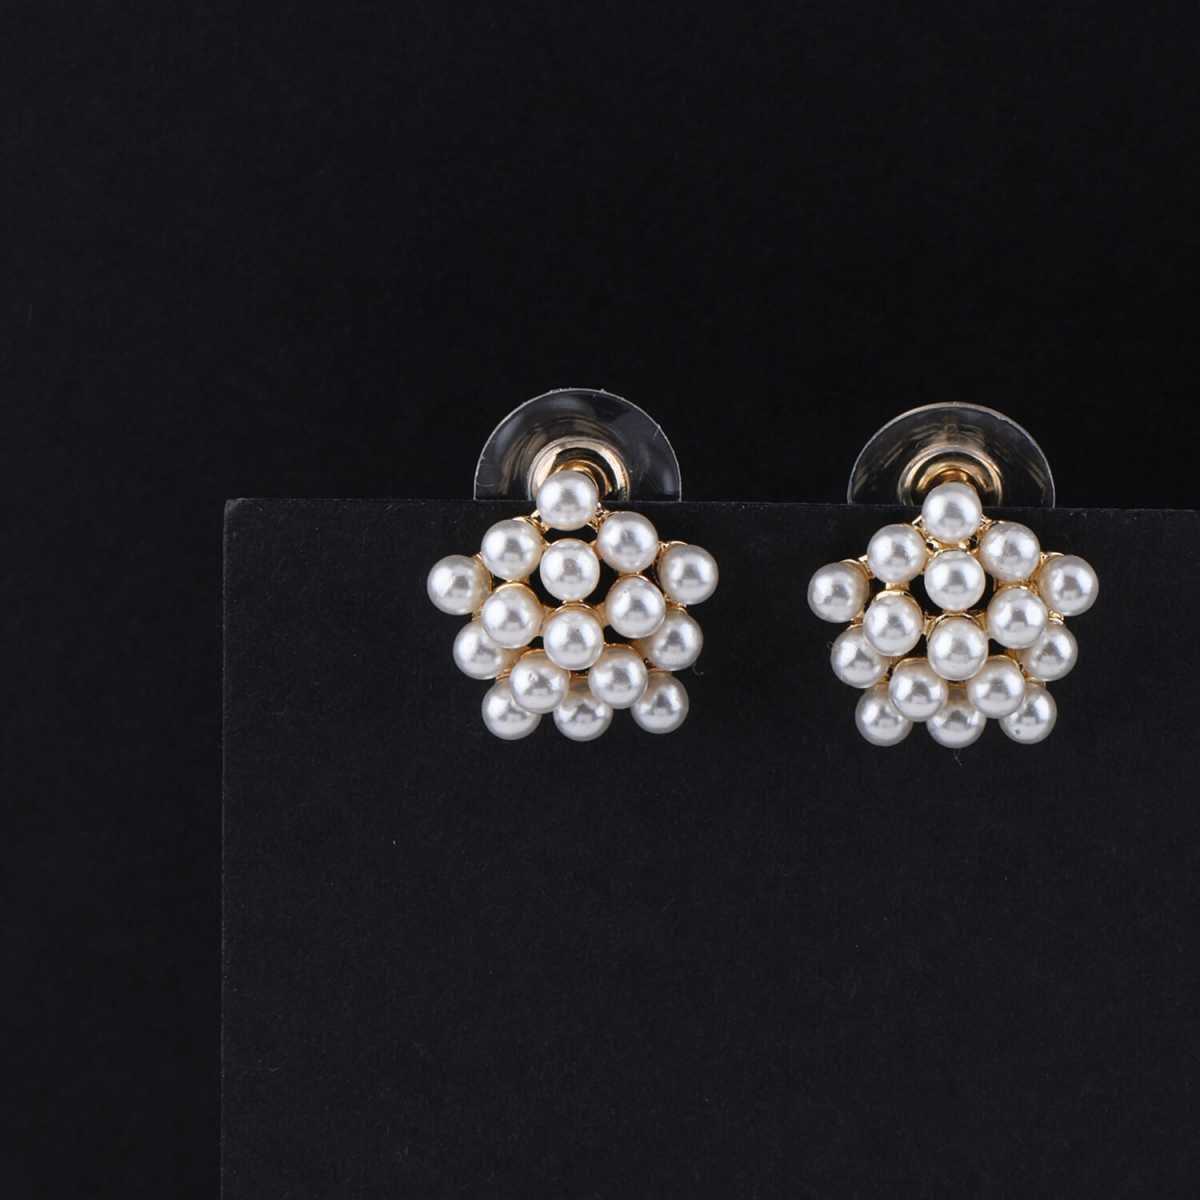 SILVER SHINE Party Wear Stylish Pearl Stud Earring For Women Girl